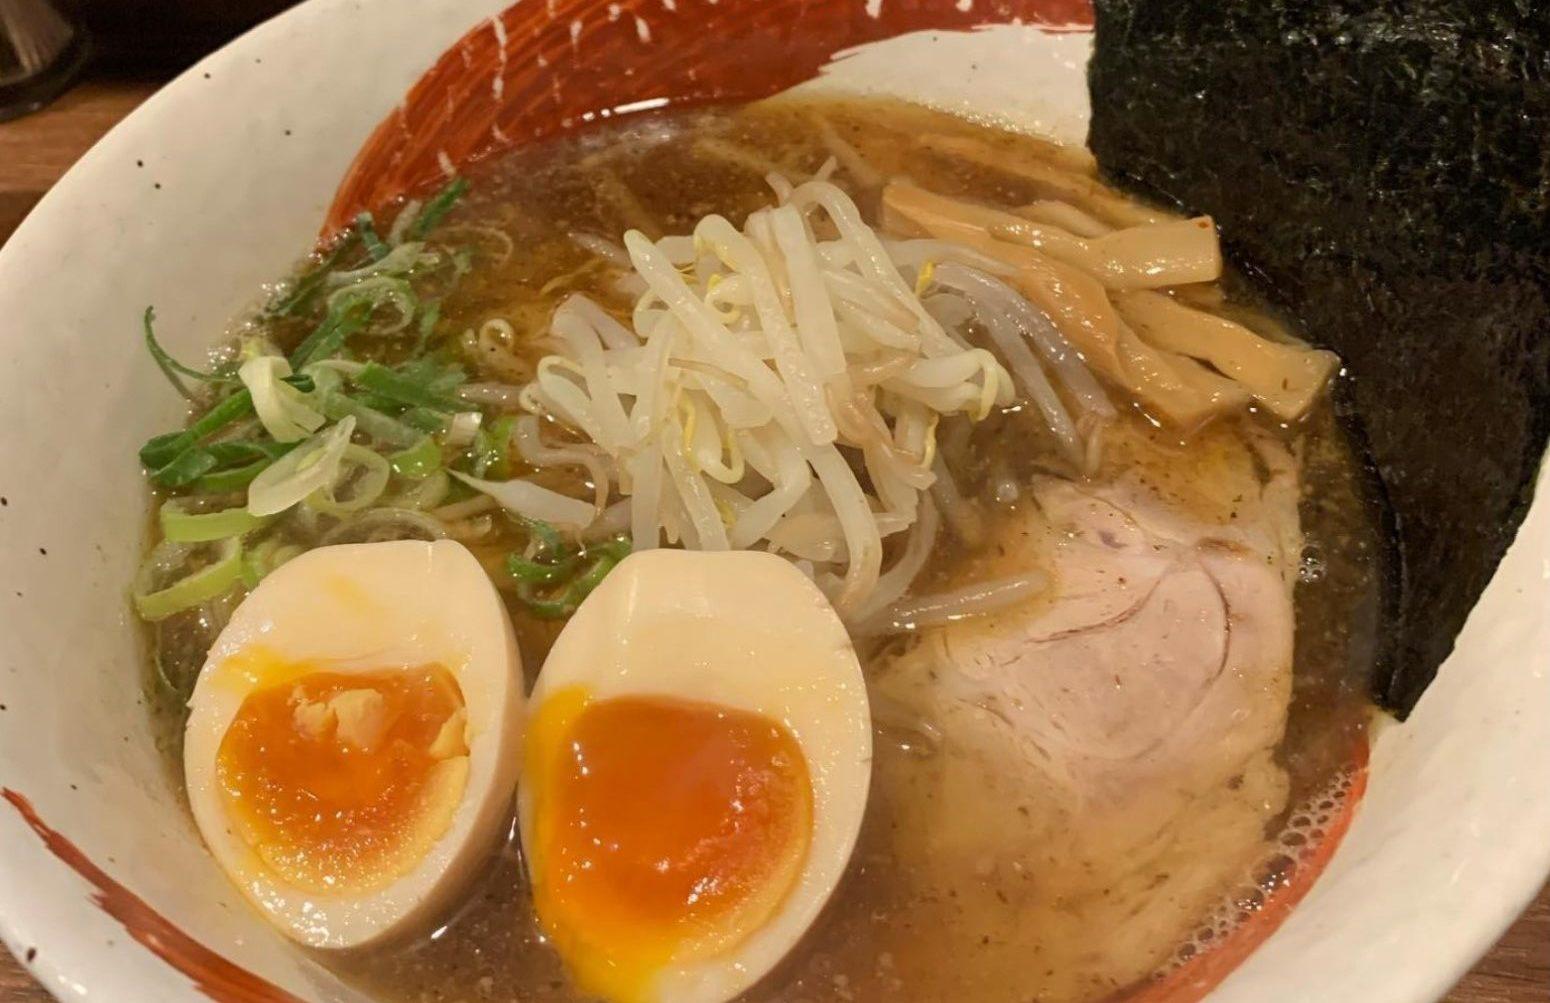 【熊本市中央区下通り】麺屋 宗運のテイクアウト情報!お店で人気の魚介系醤油とんこつラーメンもお持ち帰り~